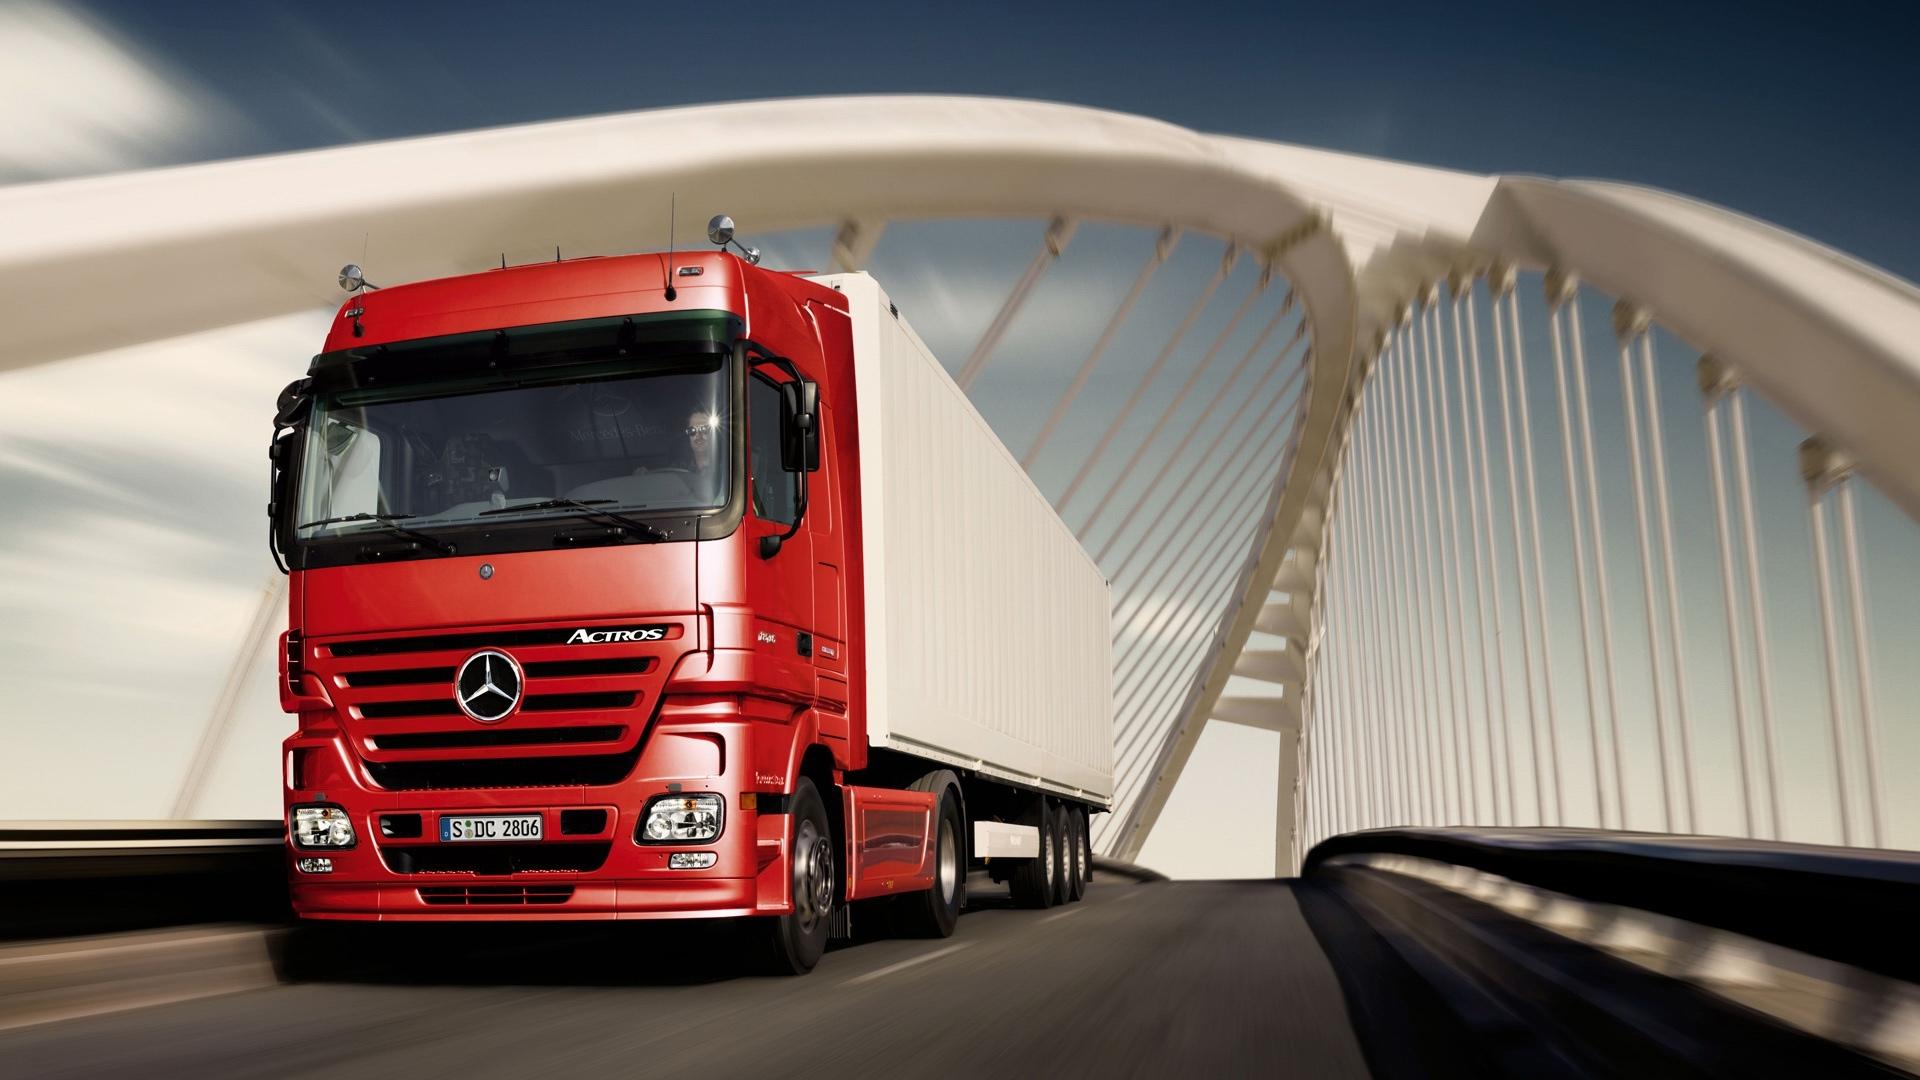 Beliebte Trucks Bilder für Mobiltelefone